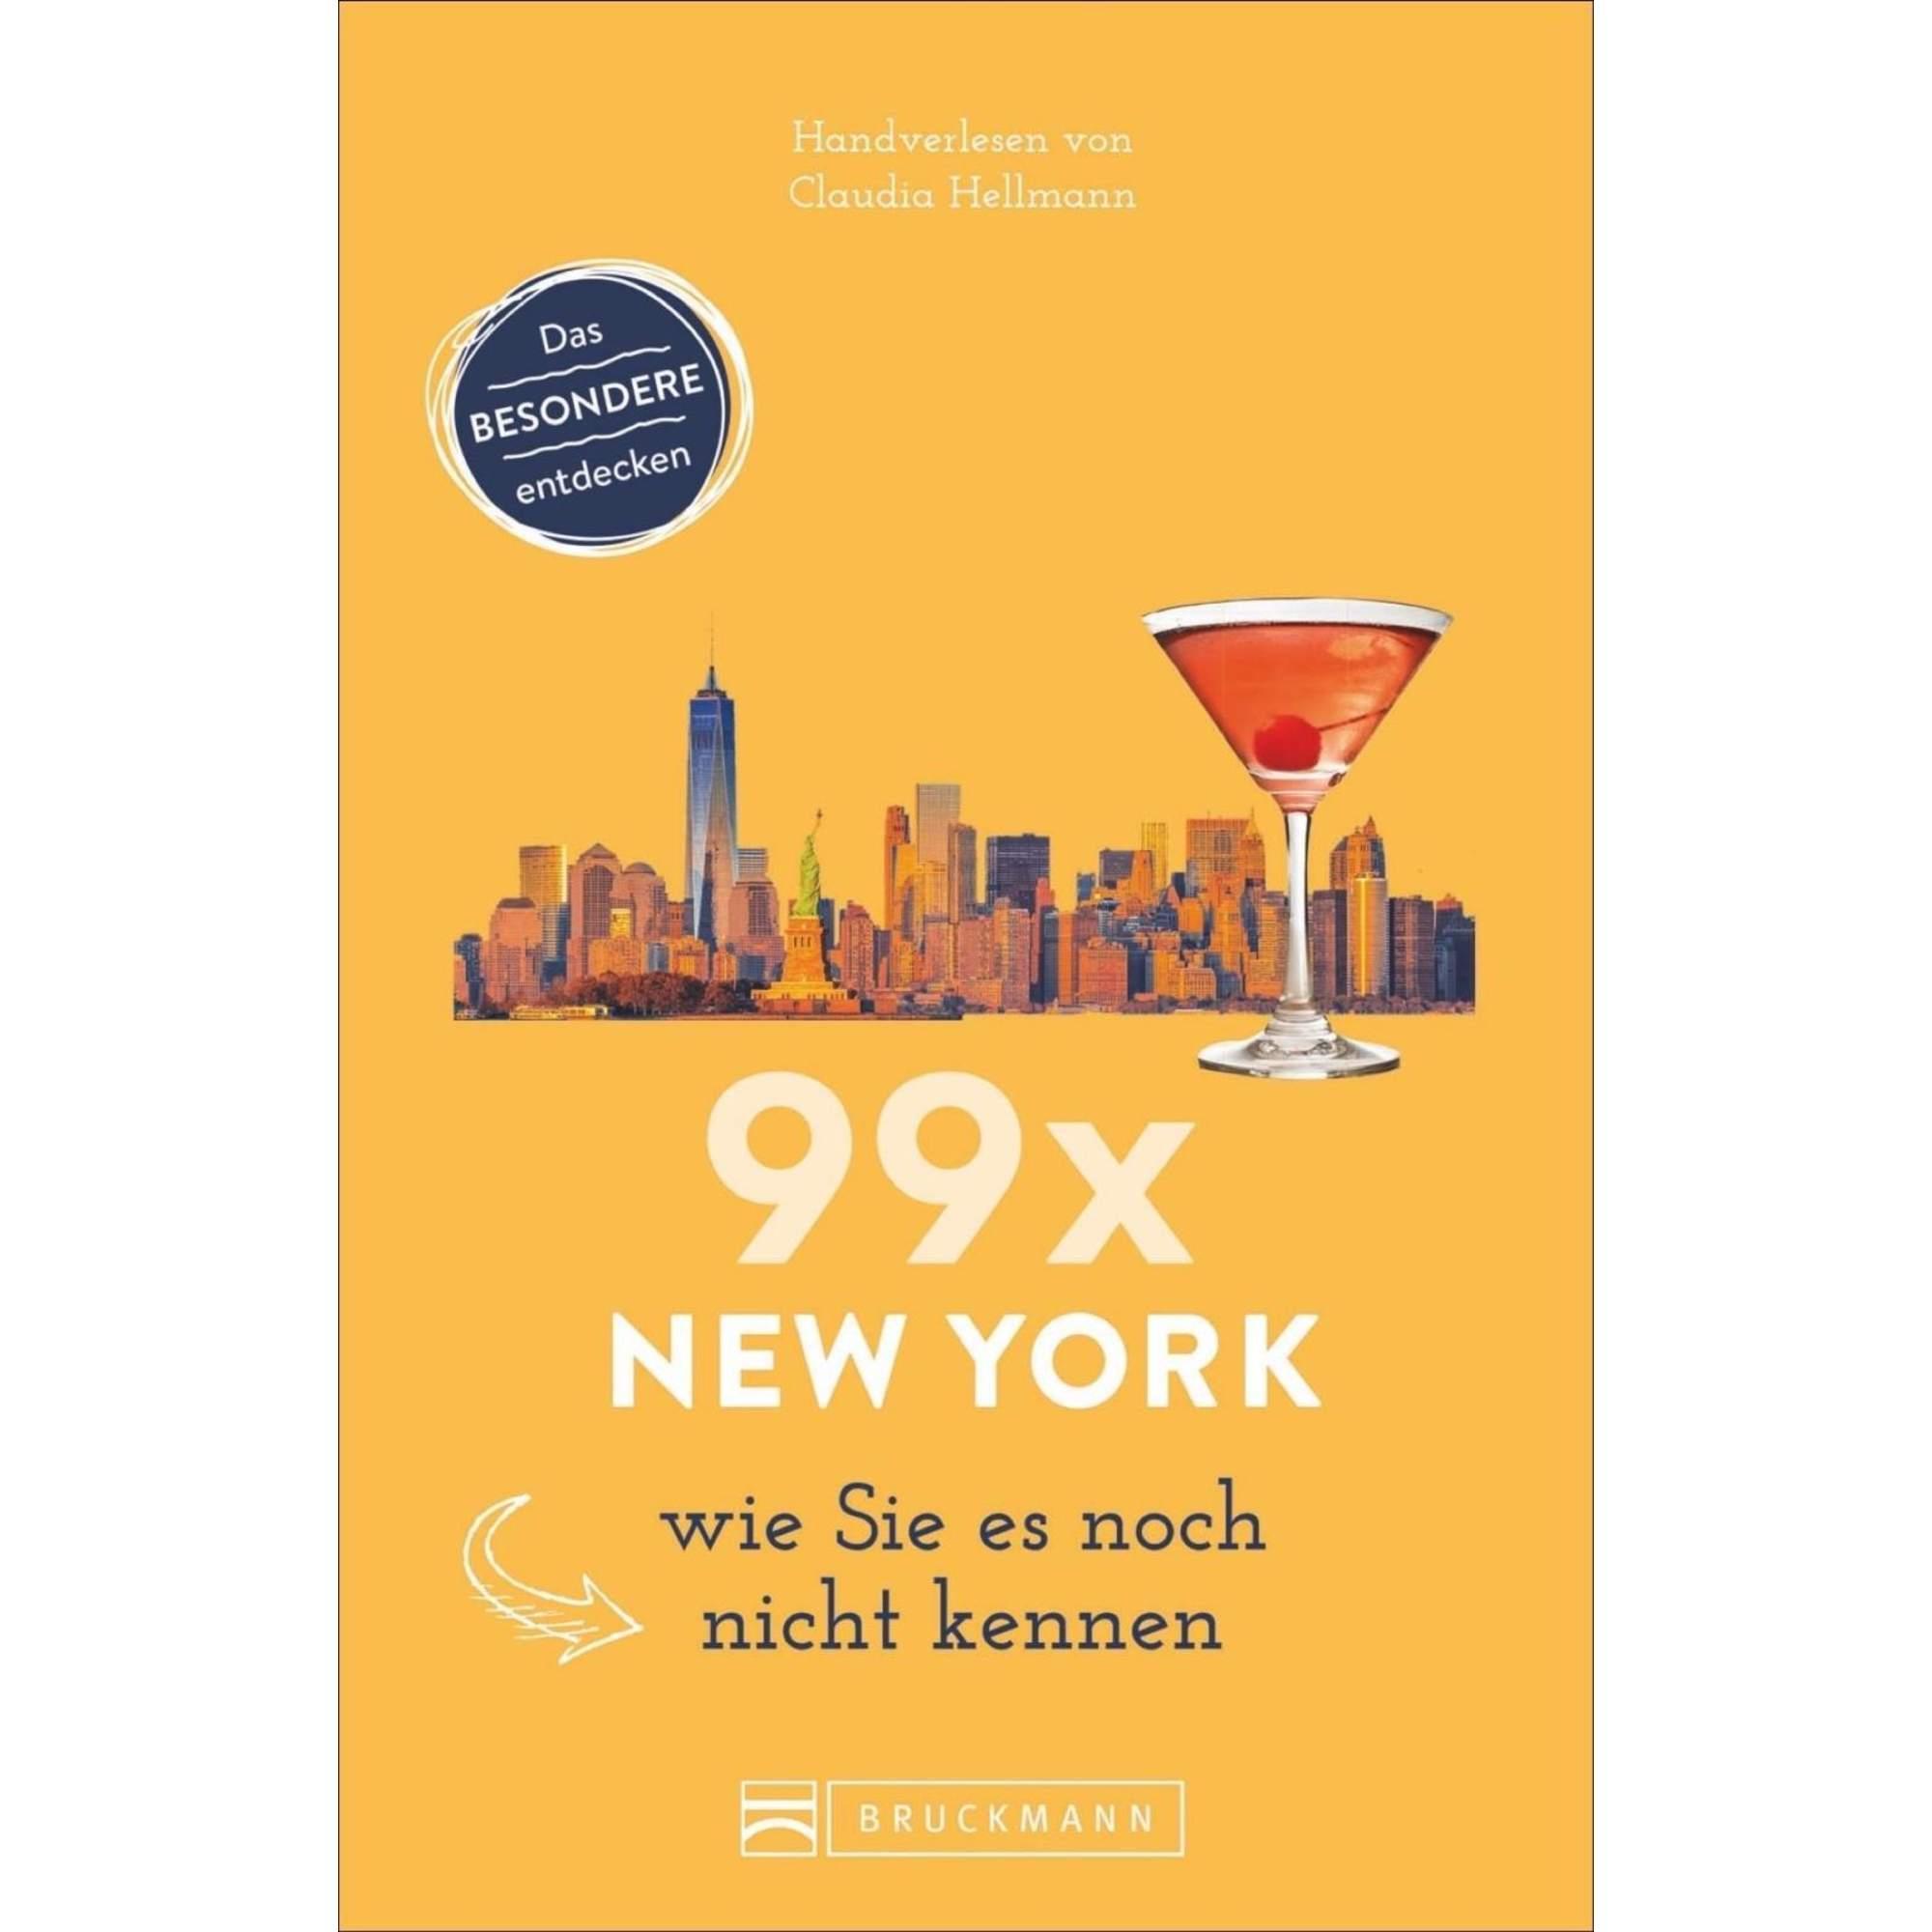 99 x New York wie Sie es noch nicht kennen, 14,99 Euro